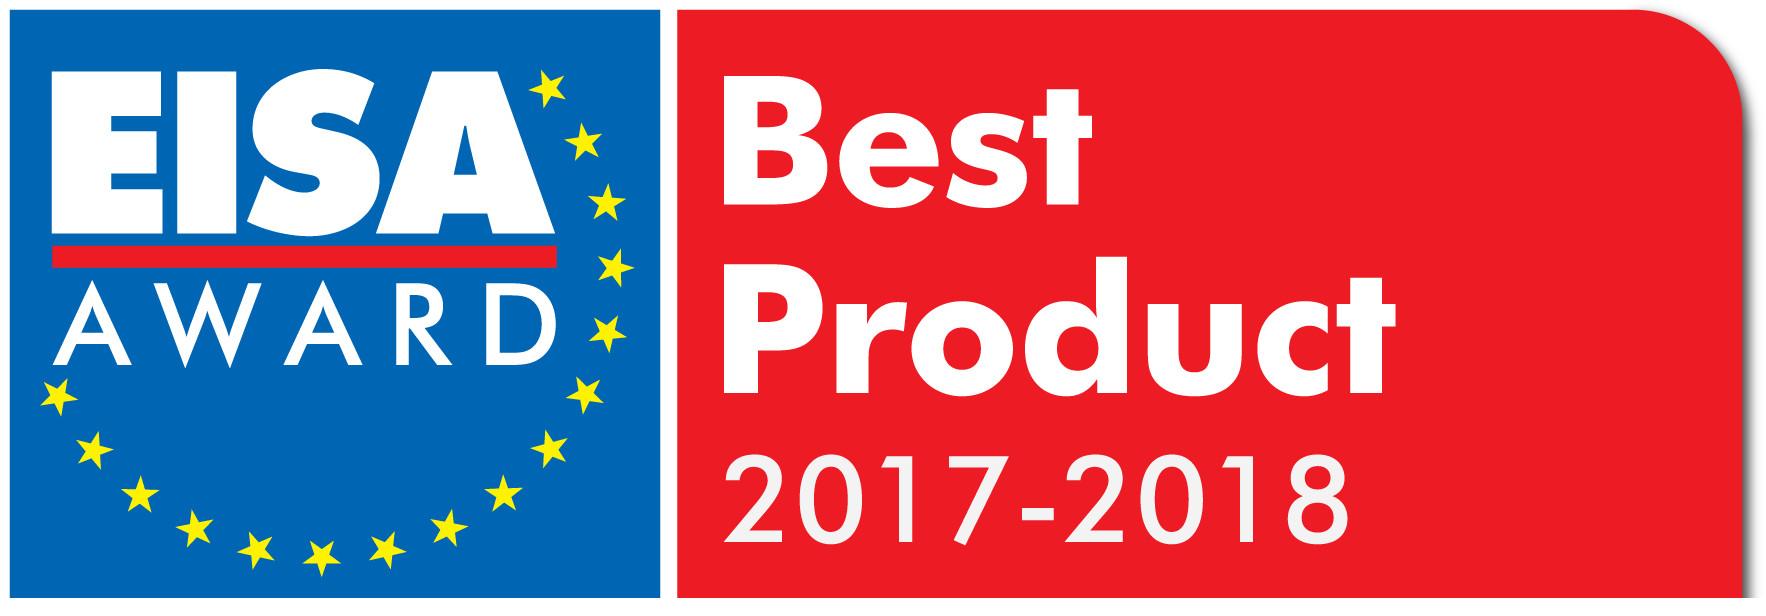 EISA award 2017-2018